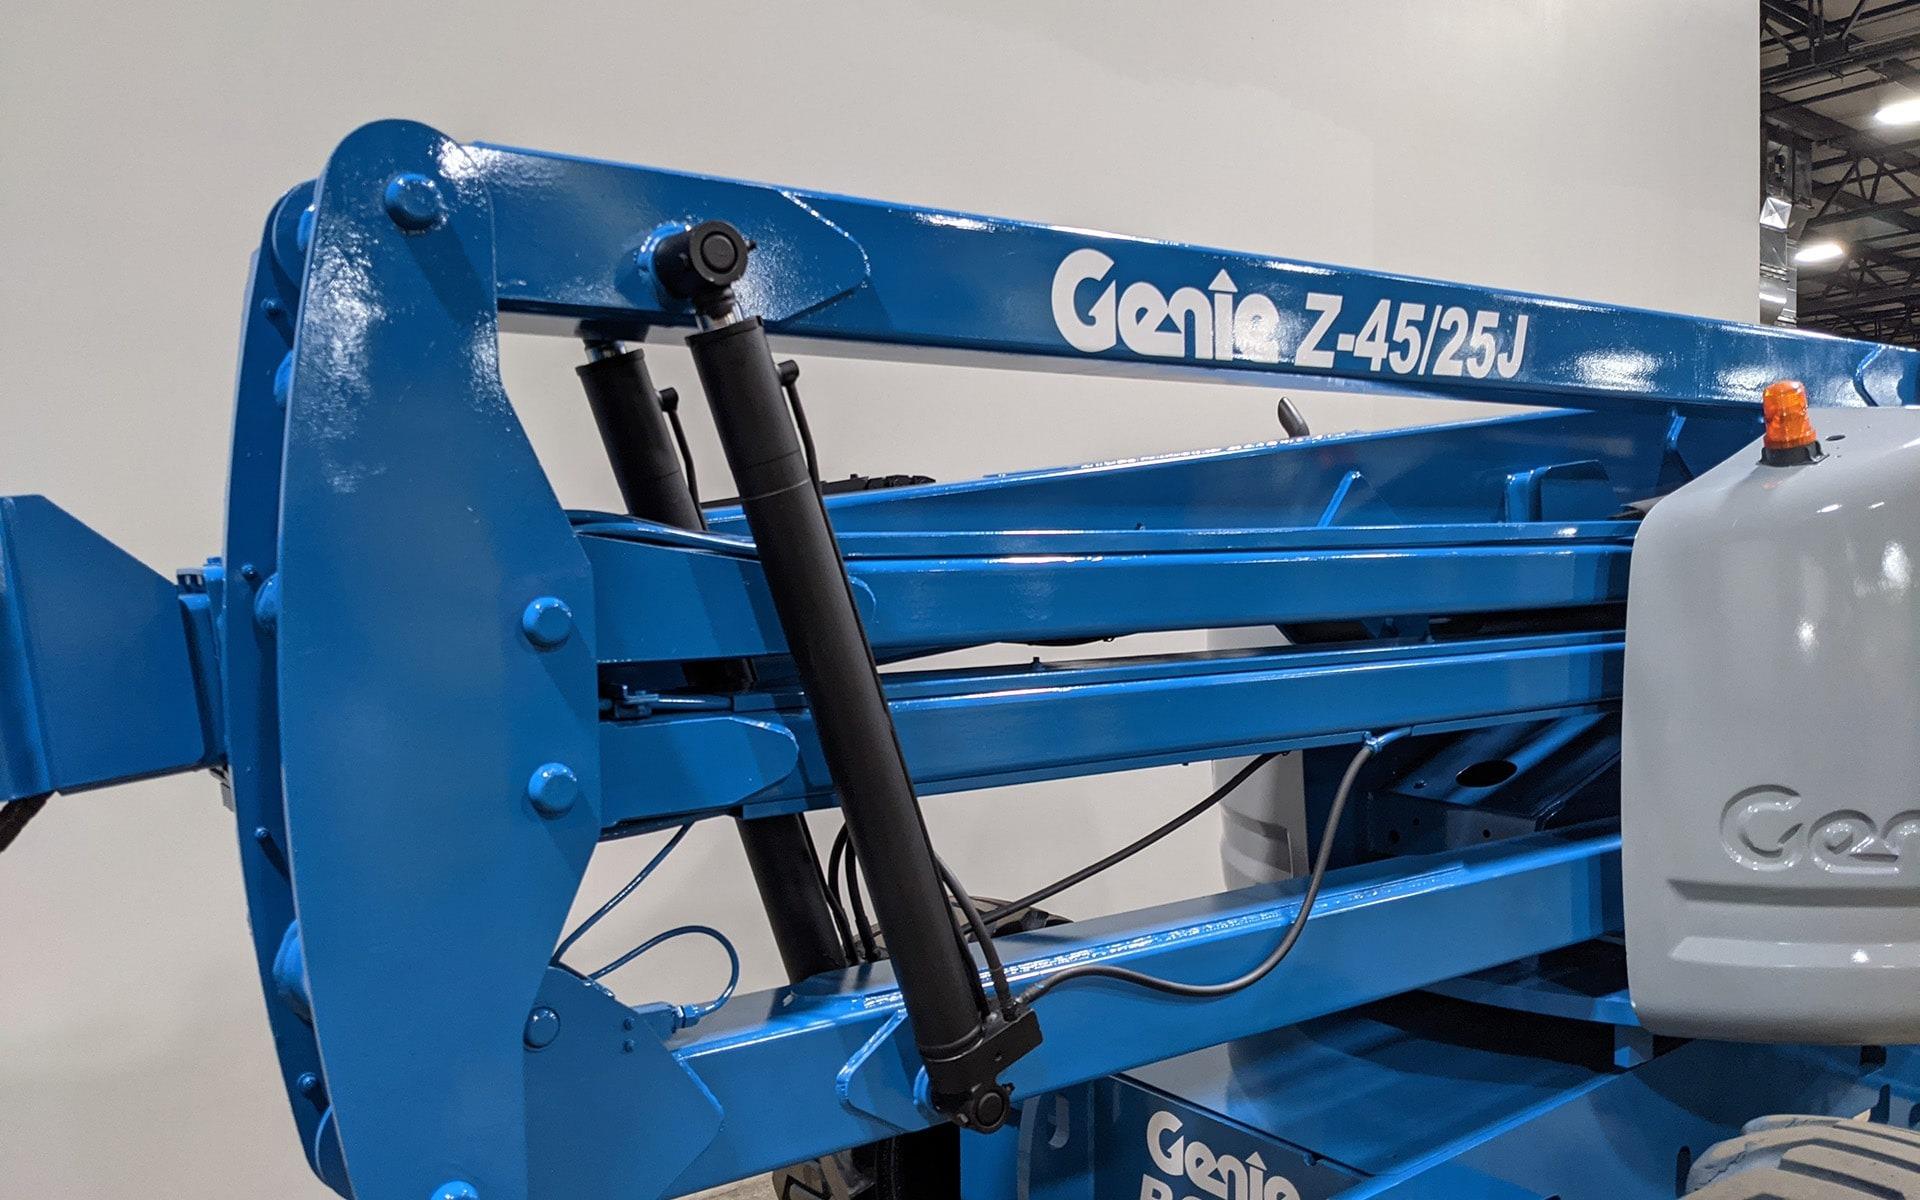 Used 2005 GENIE Z45 25J  | Cary, IL